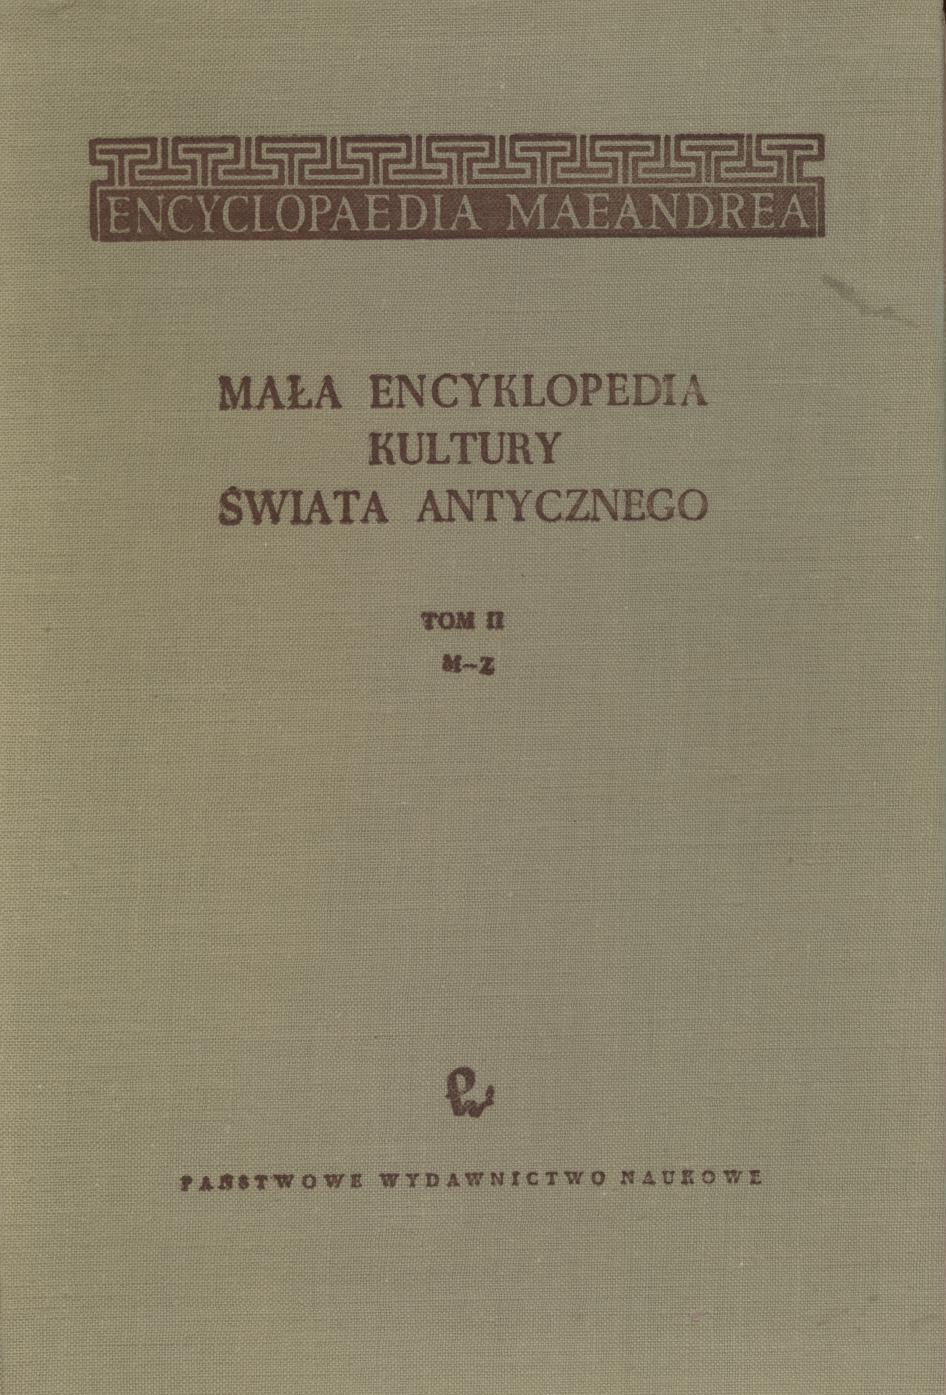 Znalezione obrazy dla zapytania Mała encyklopedia kultury świata antycznego Tom II M-Z